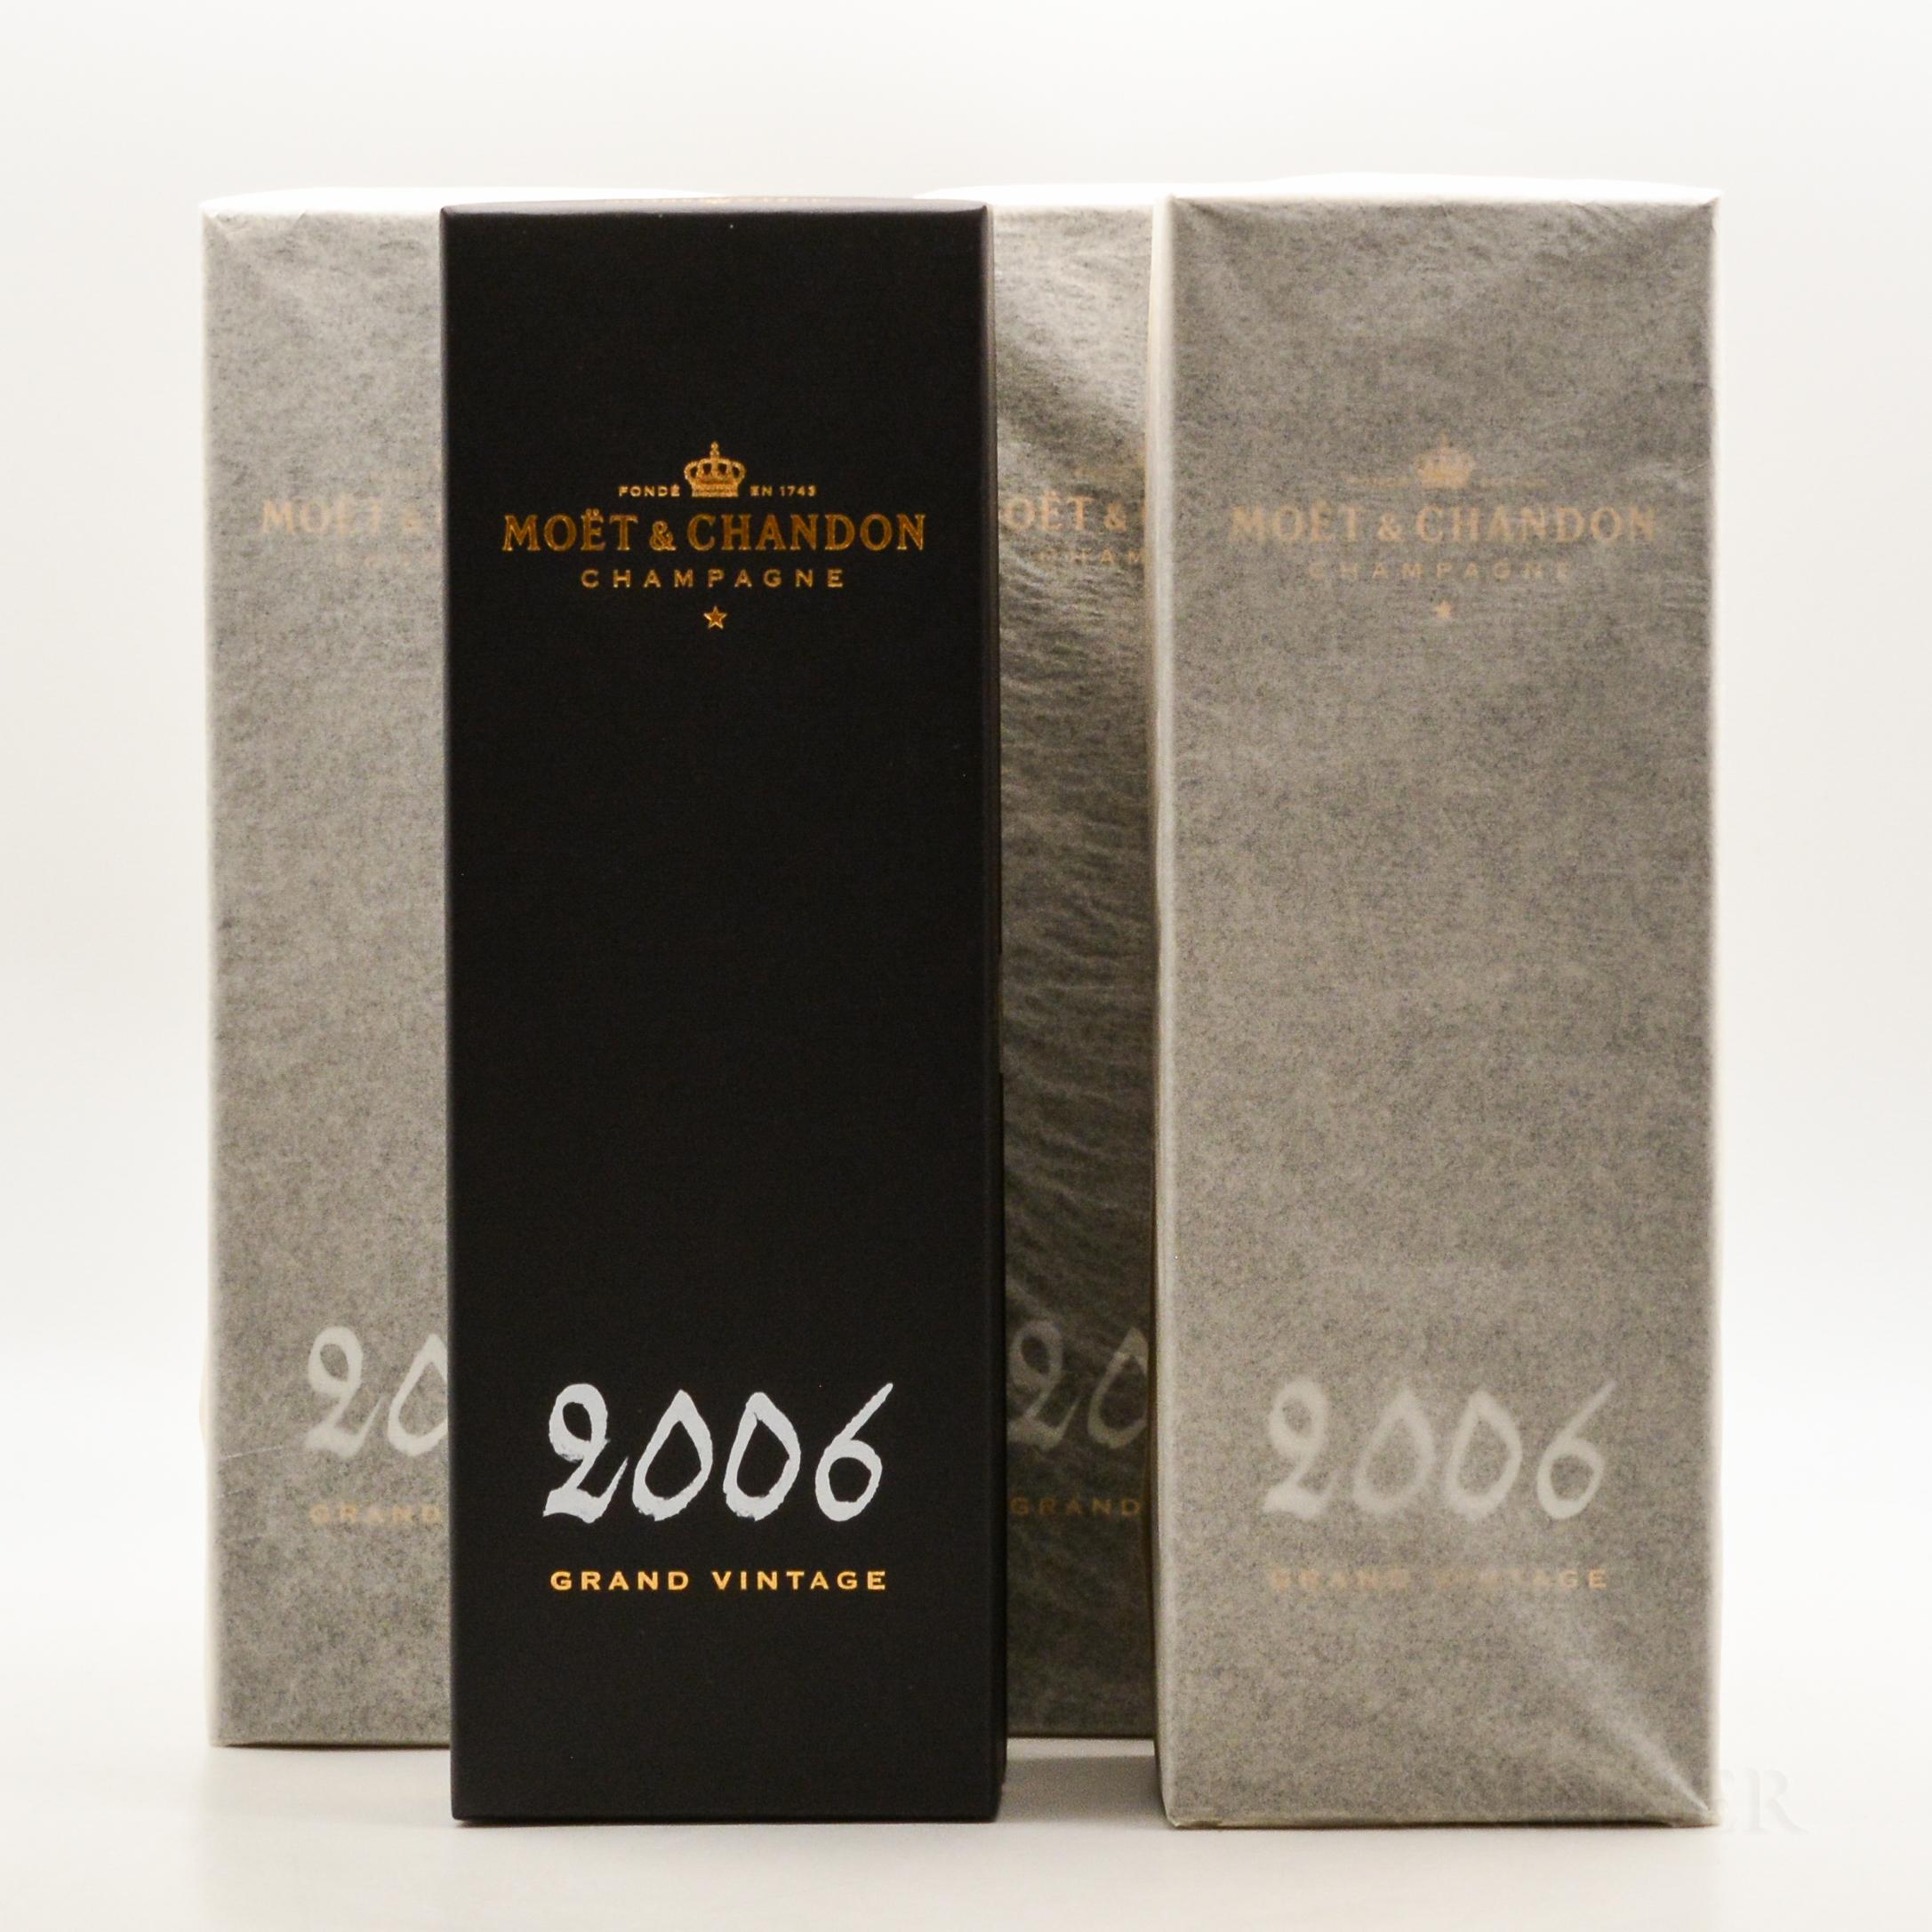 Moet & Chandon 2006, 4 bottles (ind. pc)